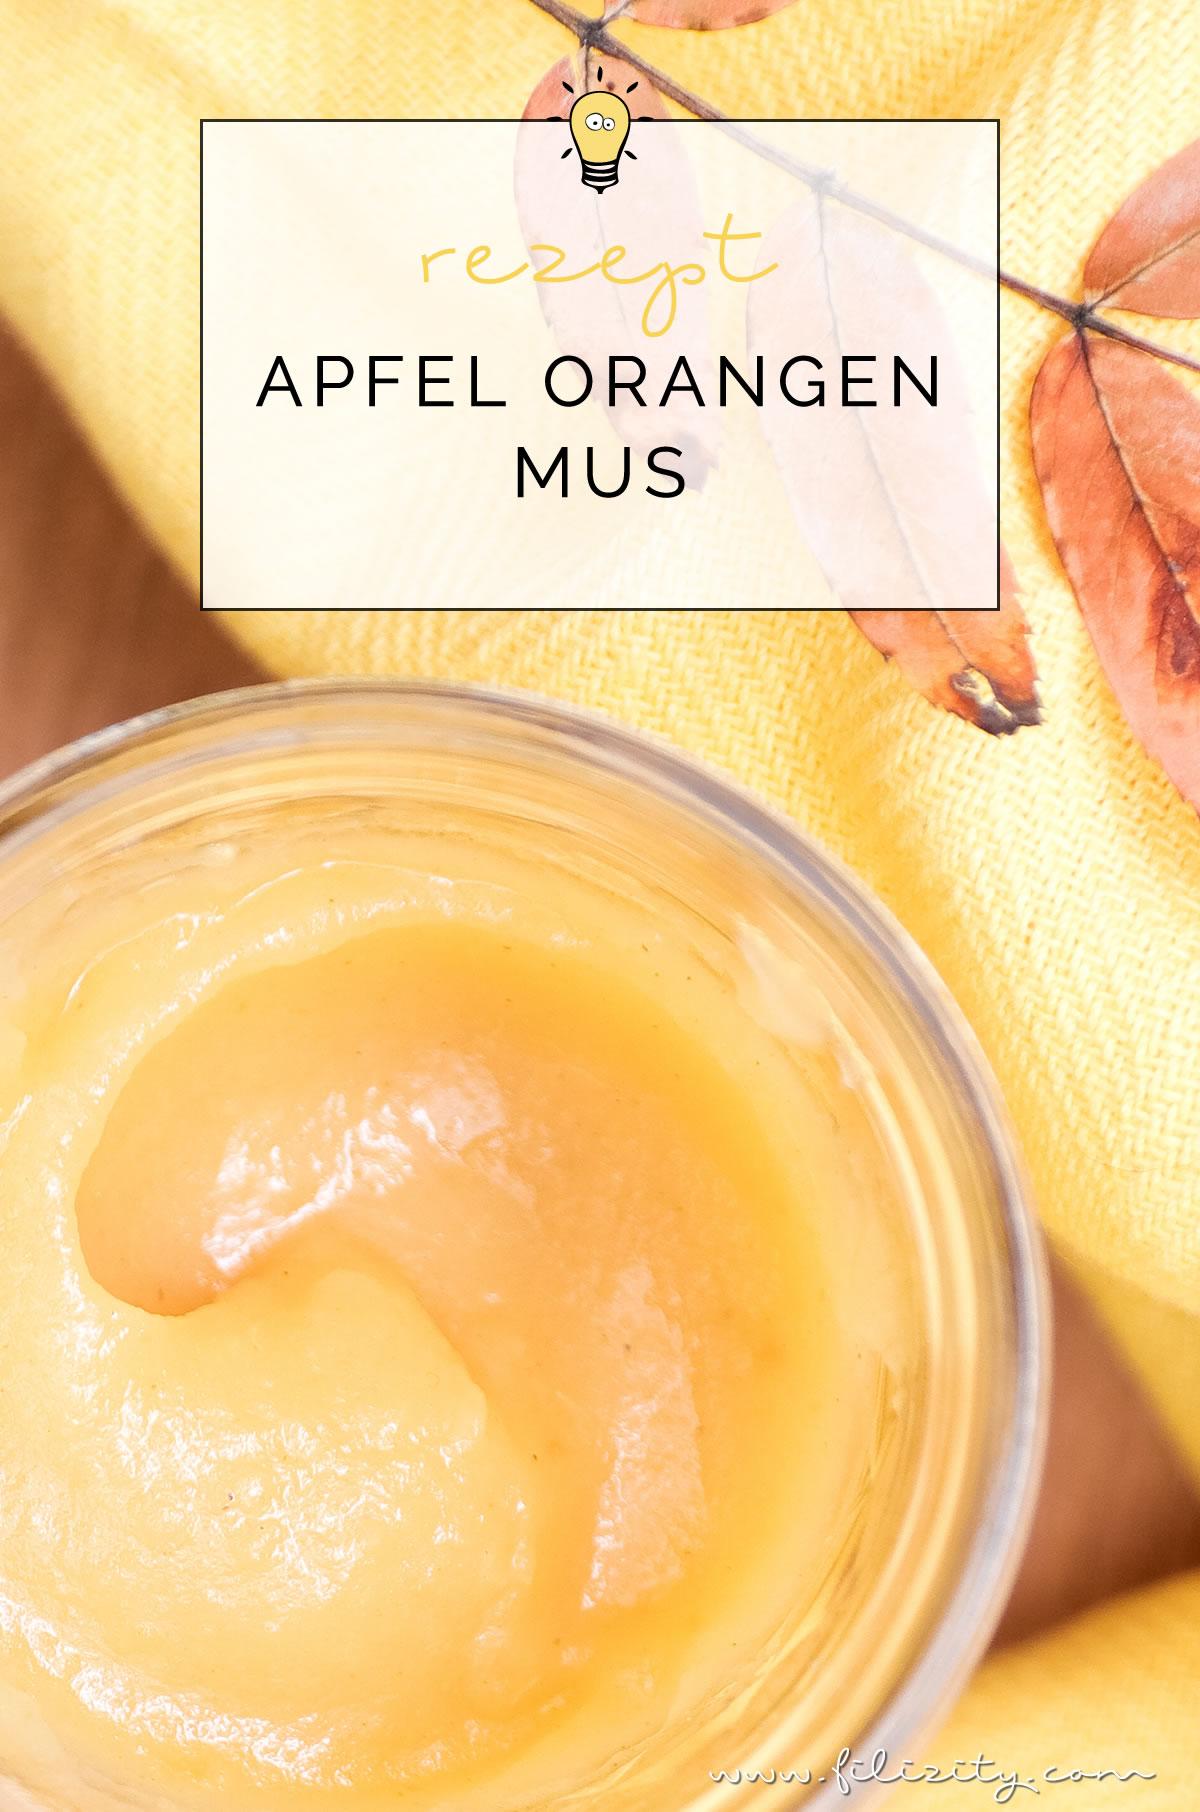 Rezept für weihnachtliches Apfel-Orangen-Mus mit Zimt ohne Zucker | Perfekt zum Frühstück, zum Dessert oder als Geschenk | Apfelmus kochen | Filizity.com | Food-Blog aus dem Rheinland #winter #weihnachten #geschenkidee #einkochen #einmachen #einwecken